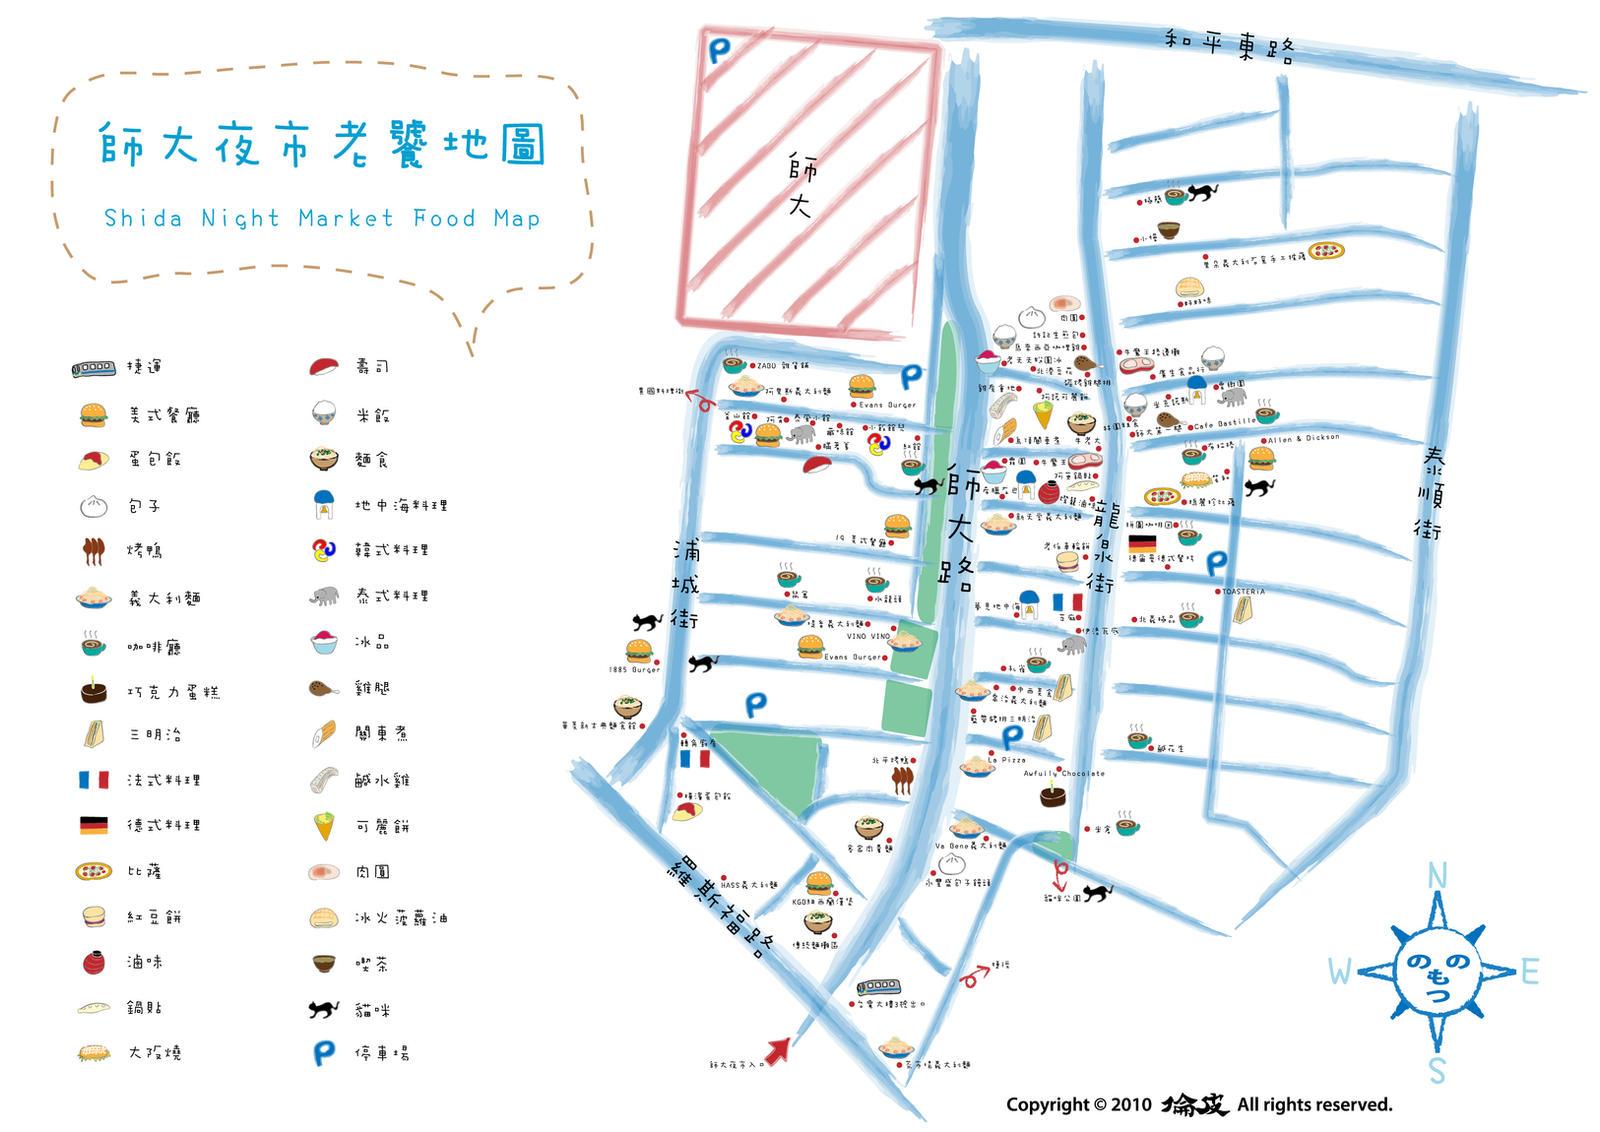 Shida Night Market Food Map